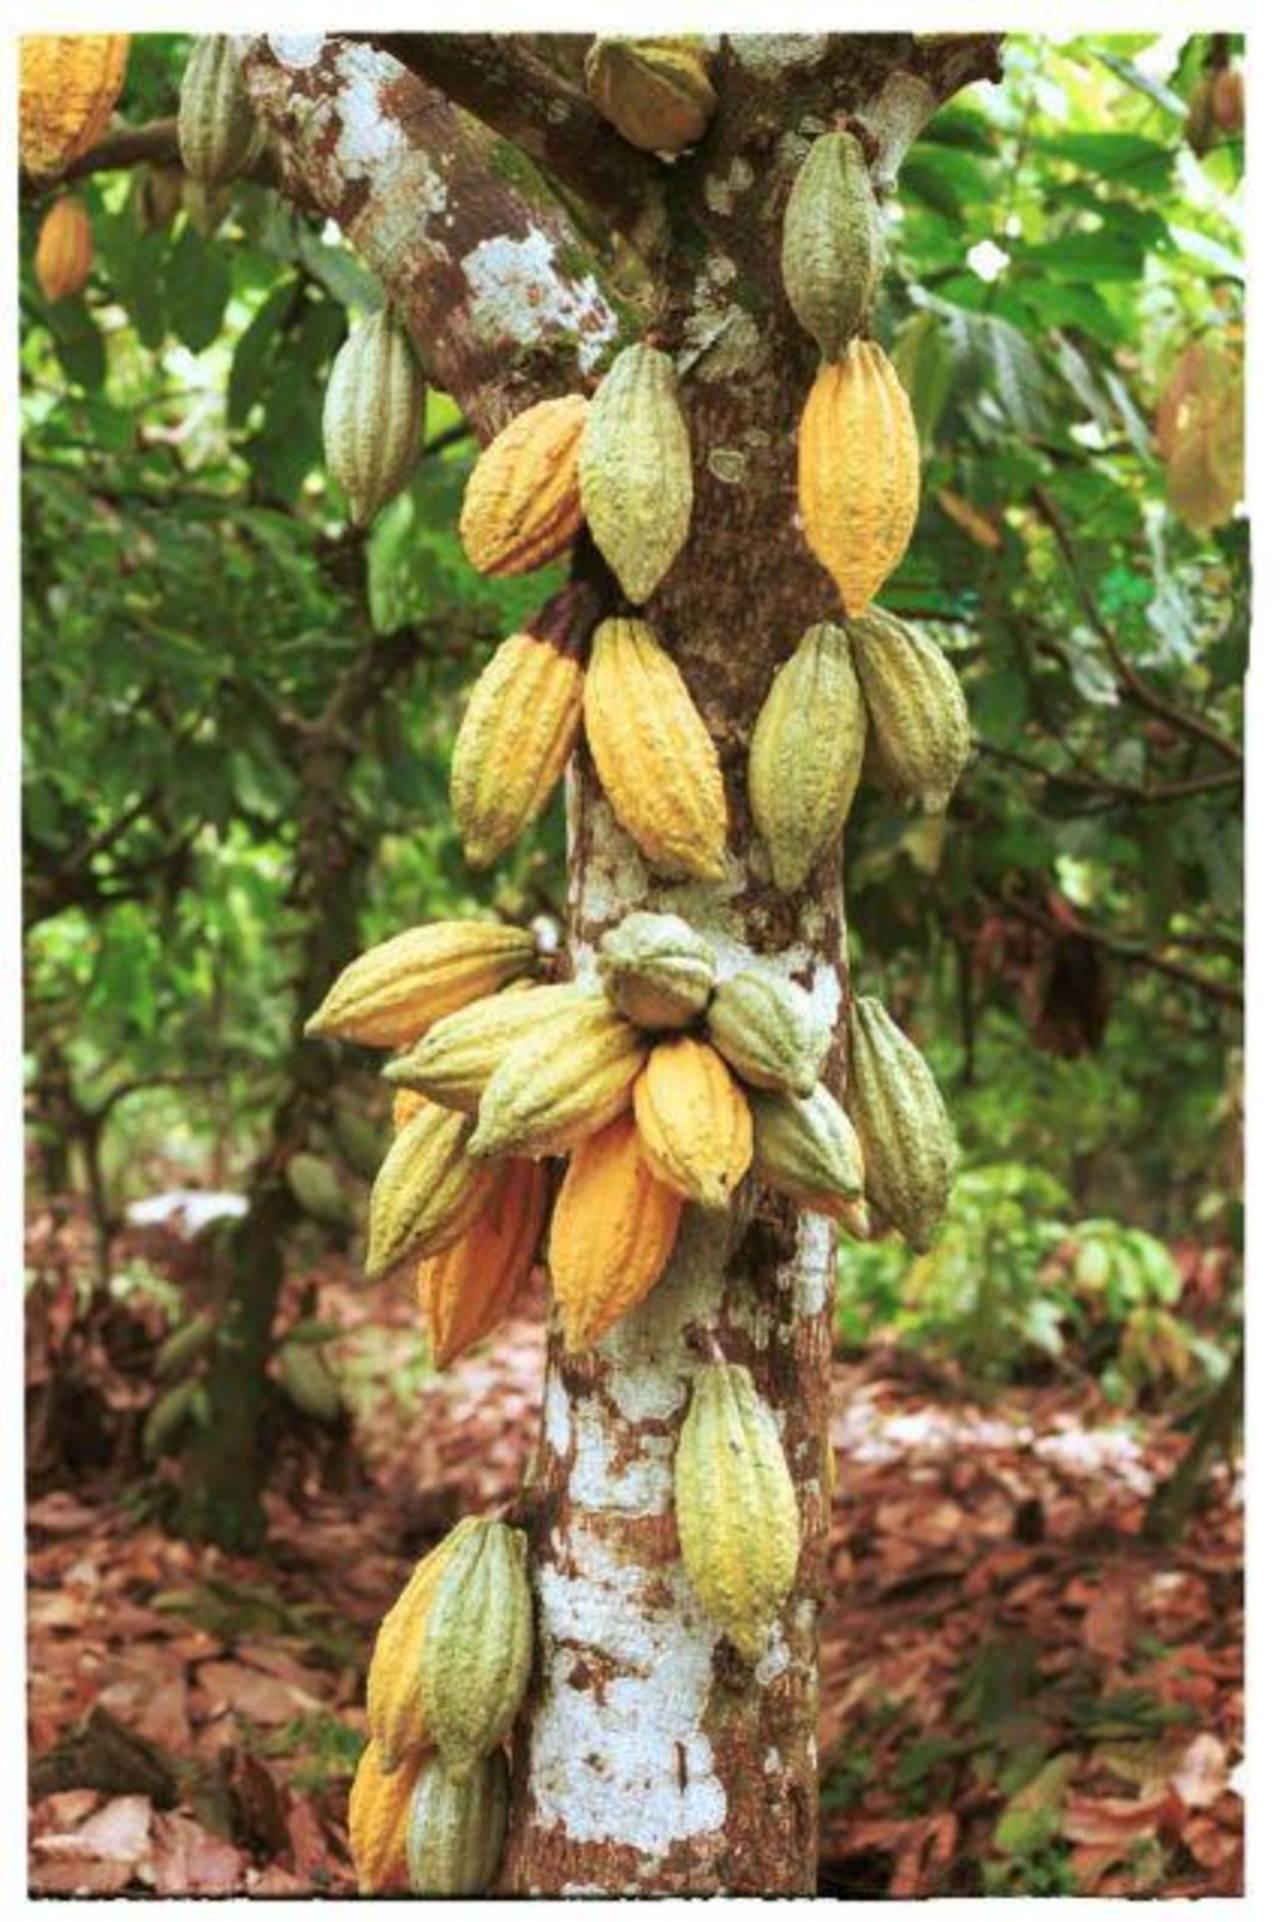 El cacao es atractivo, fácil de manejar y se desarrolla muy bien en zonas costeras. Muchos lo plantan para producir chocolate artesanal, otros lo exportan. foto edh / archivo